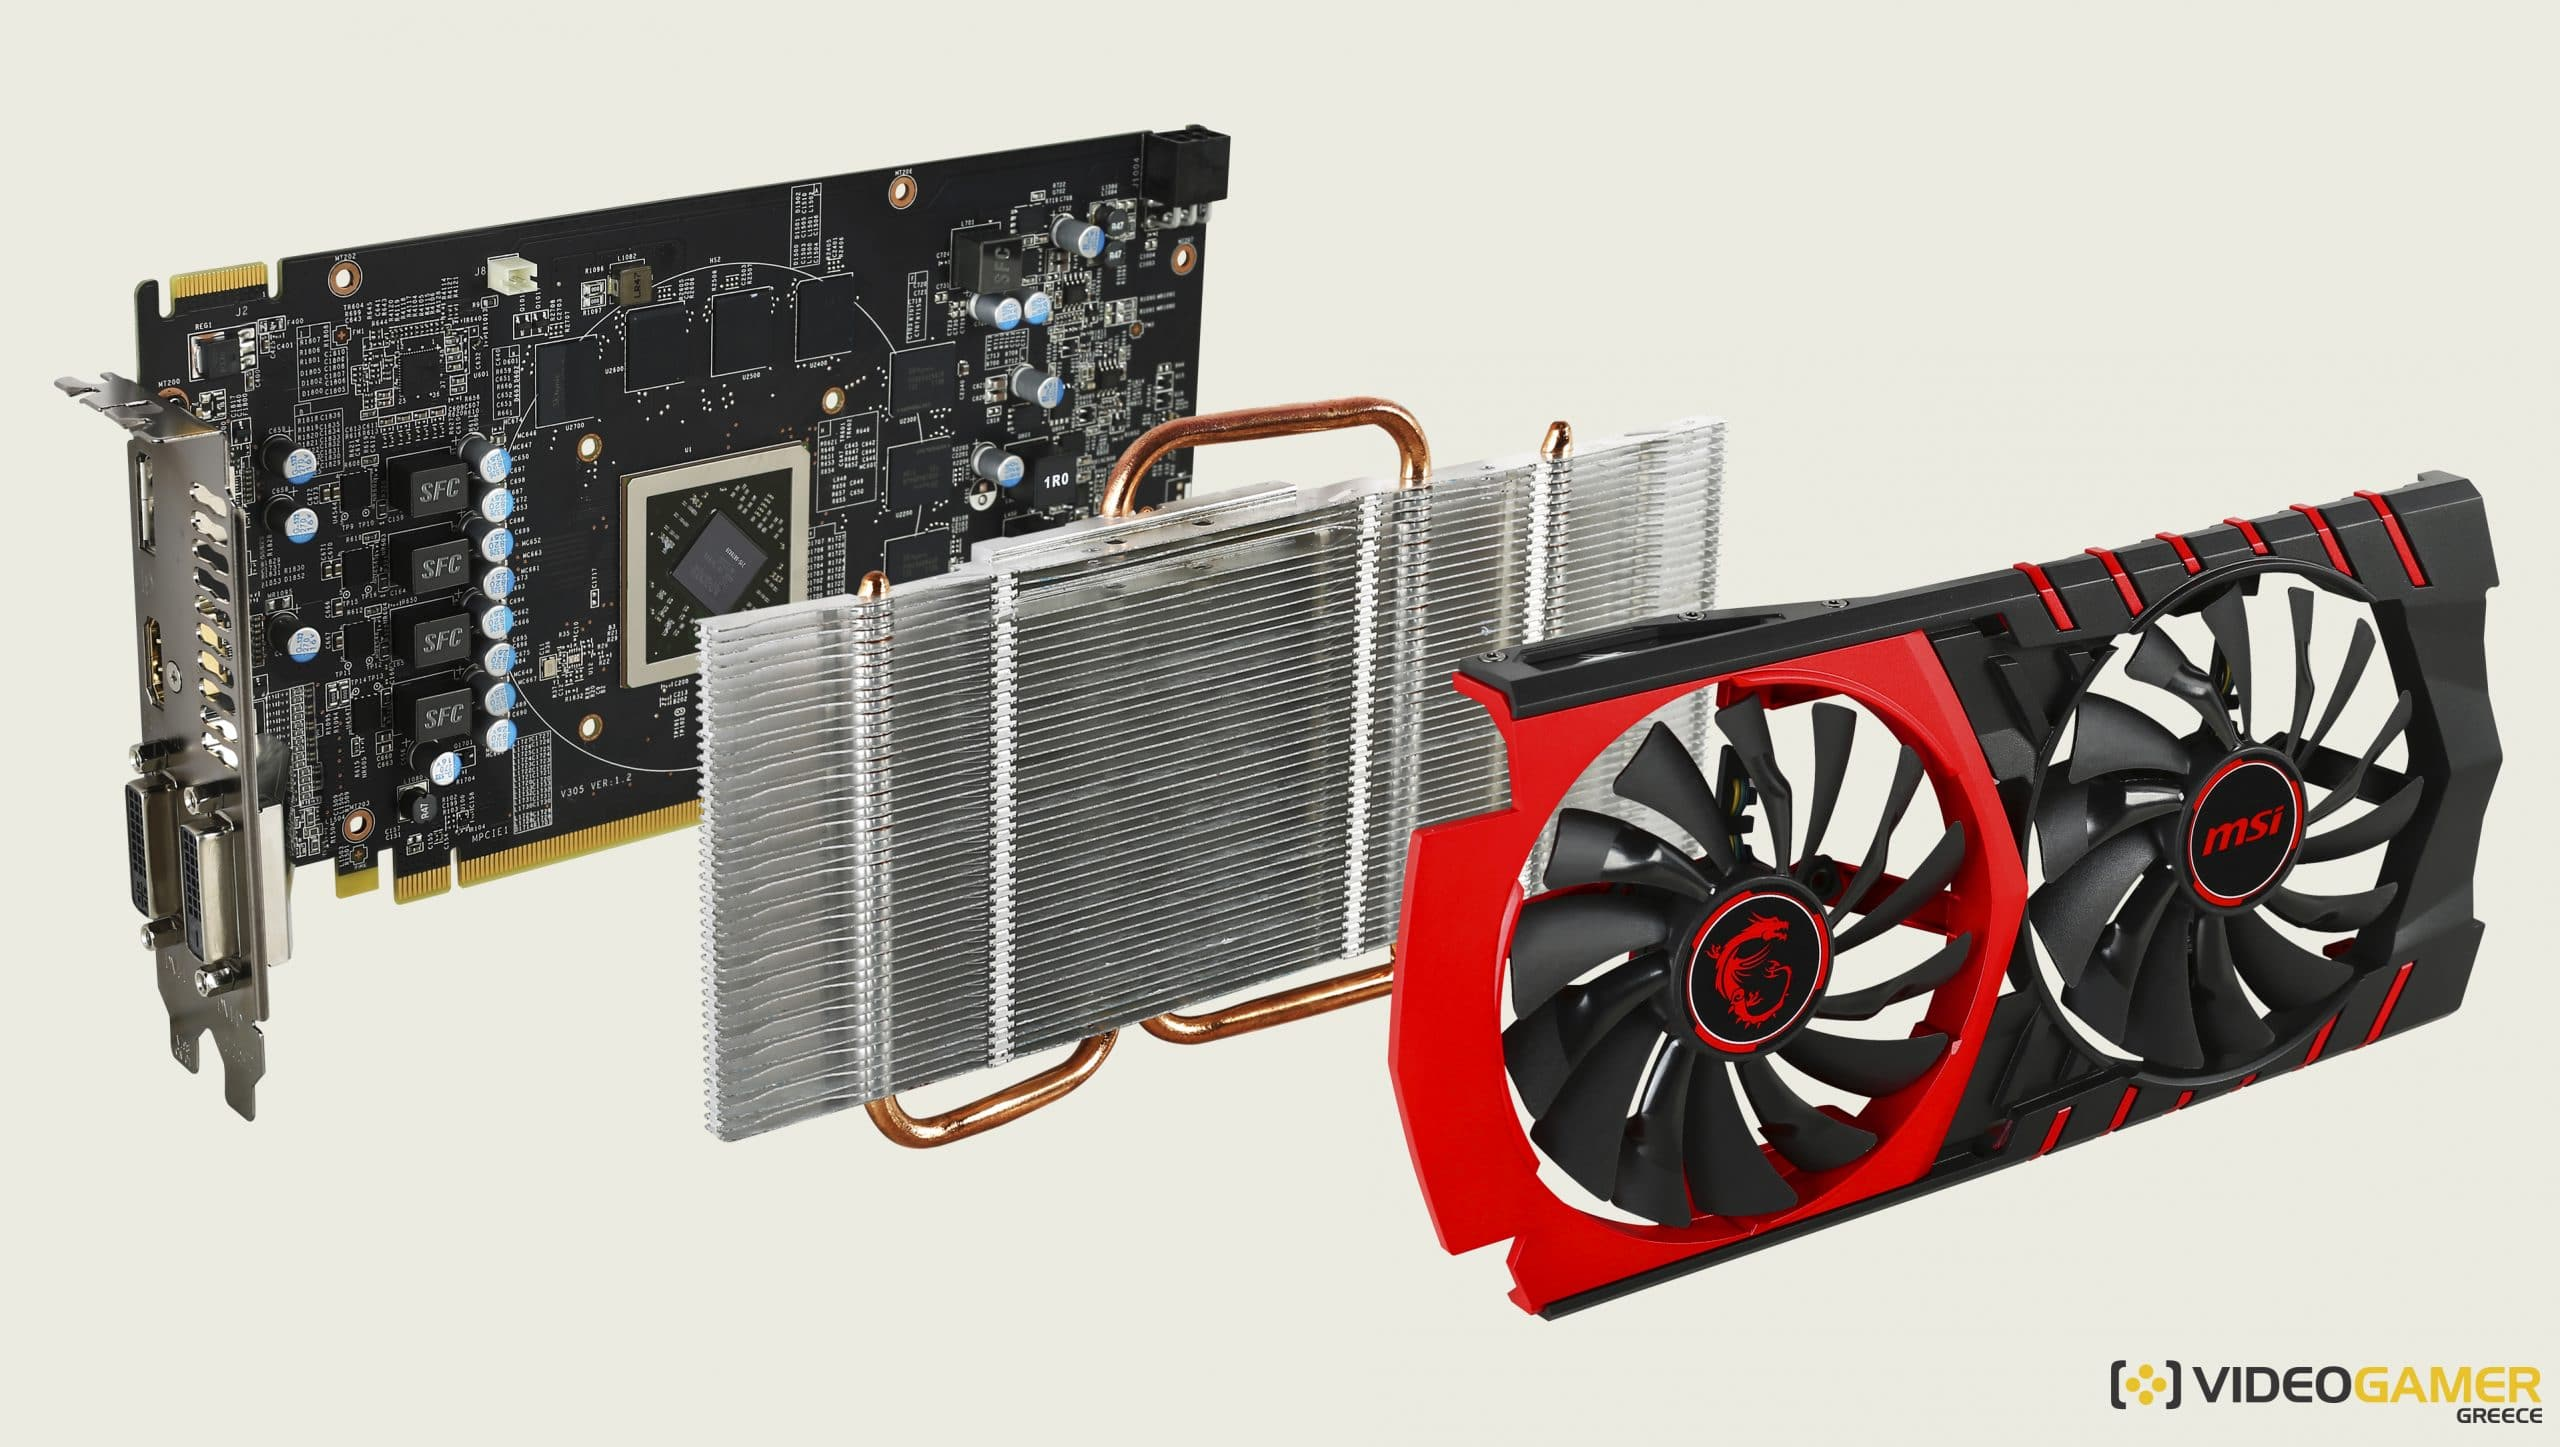 MSI R7 370 videogamer.gr